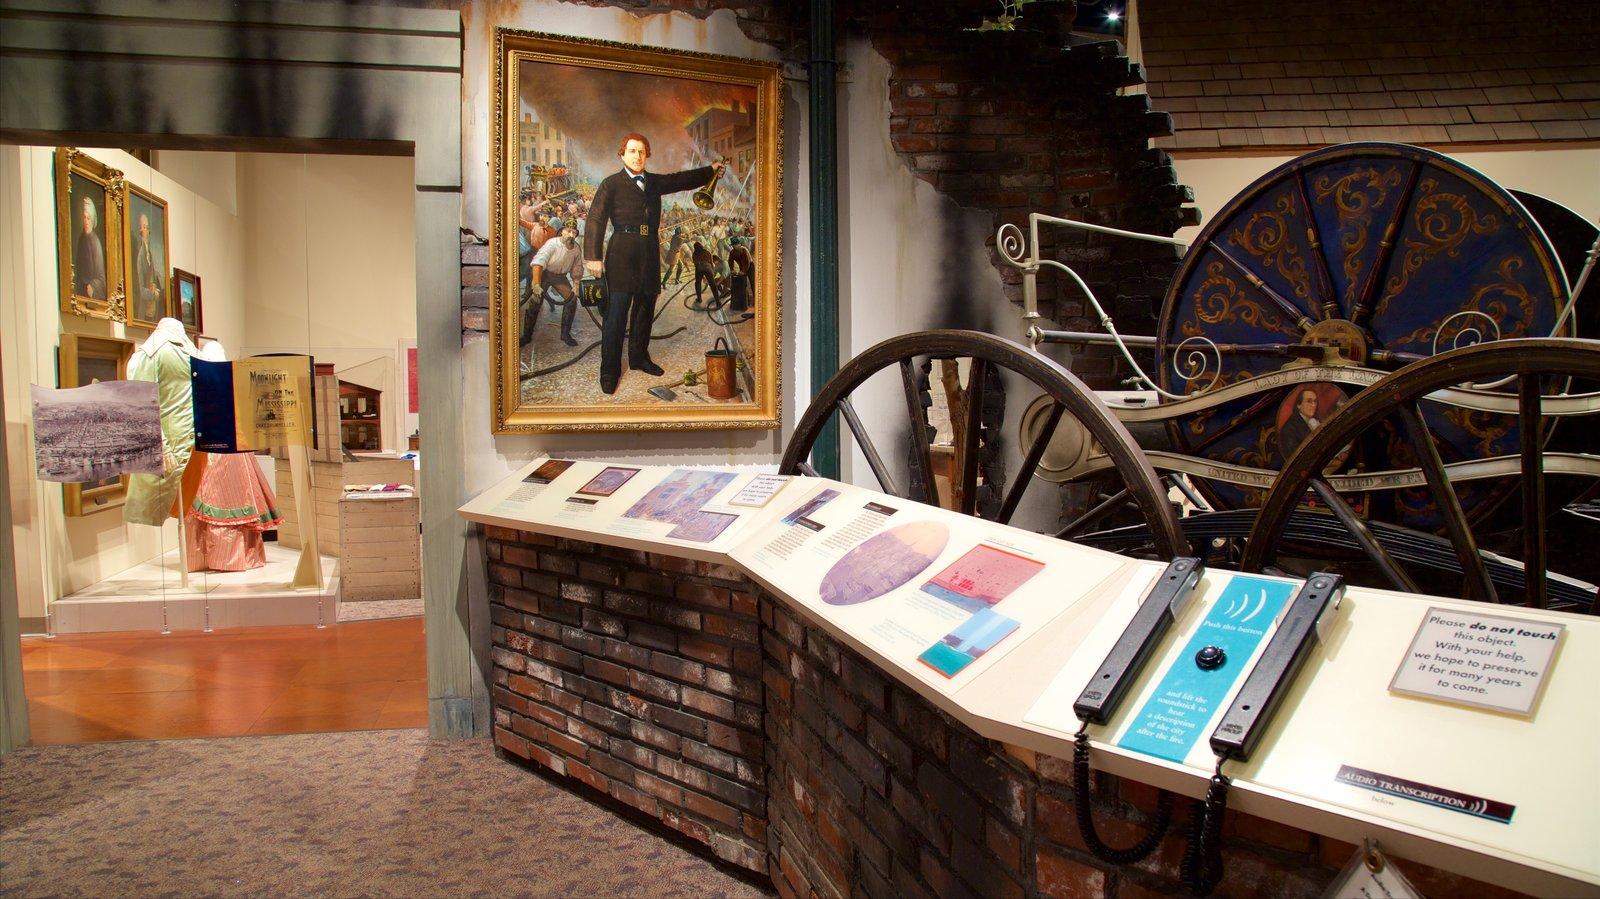 Missouri History Museum featuring interior views